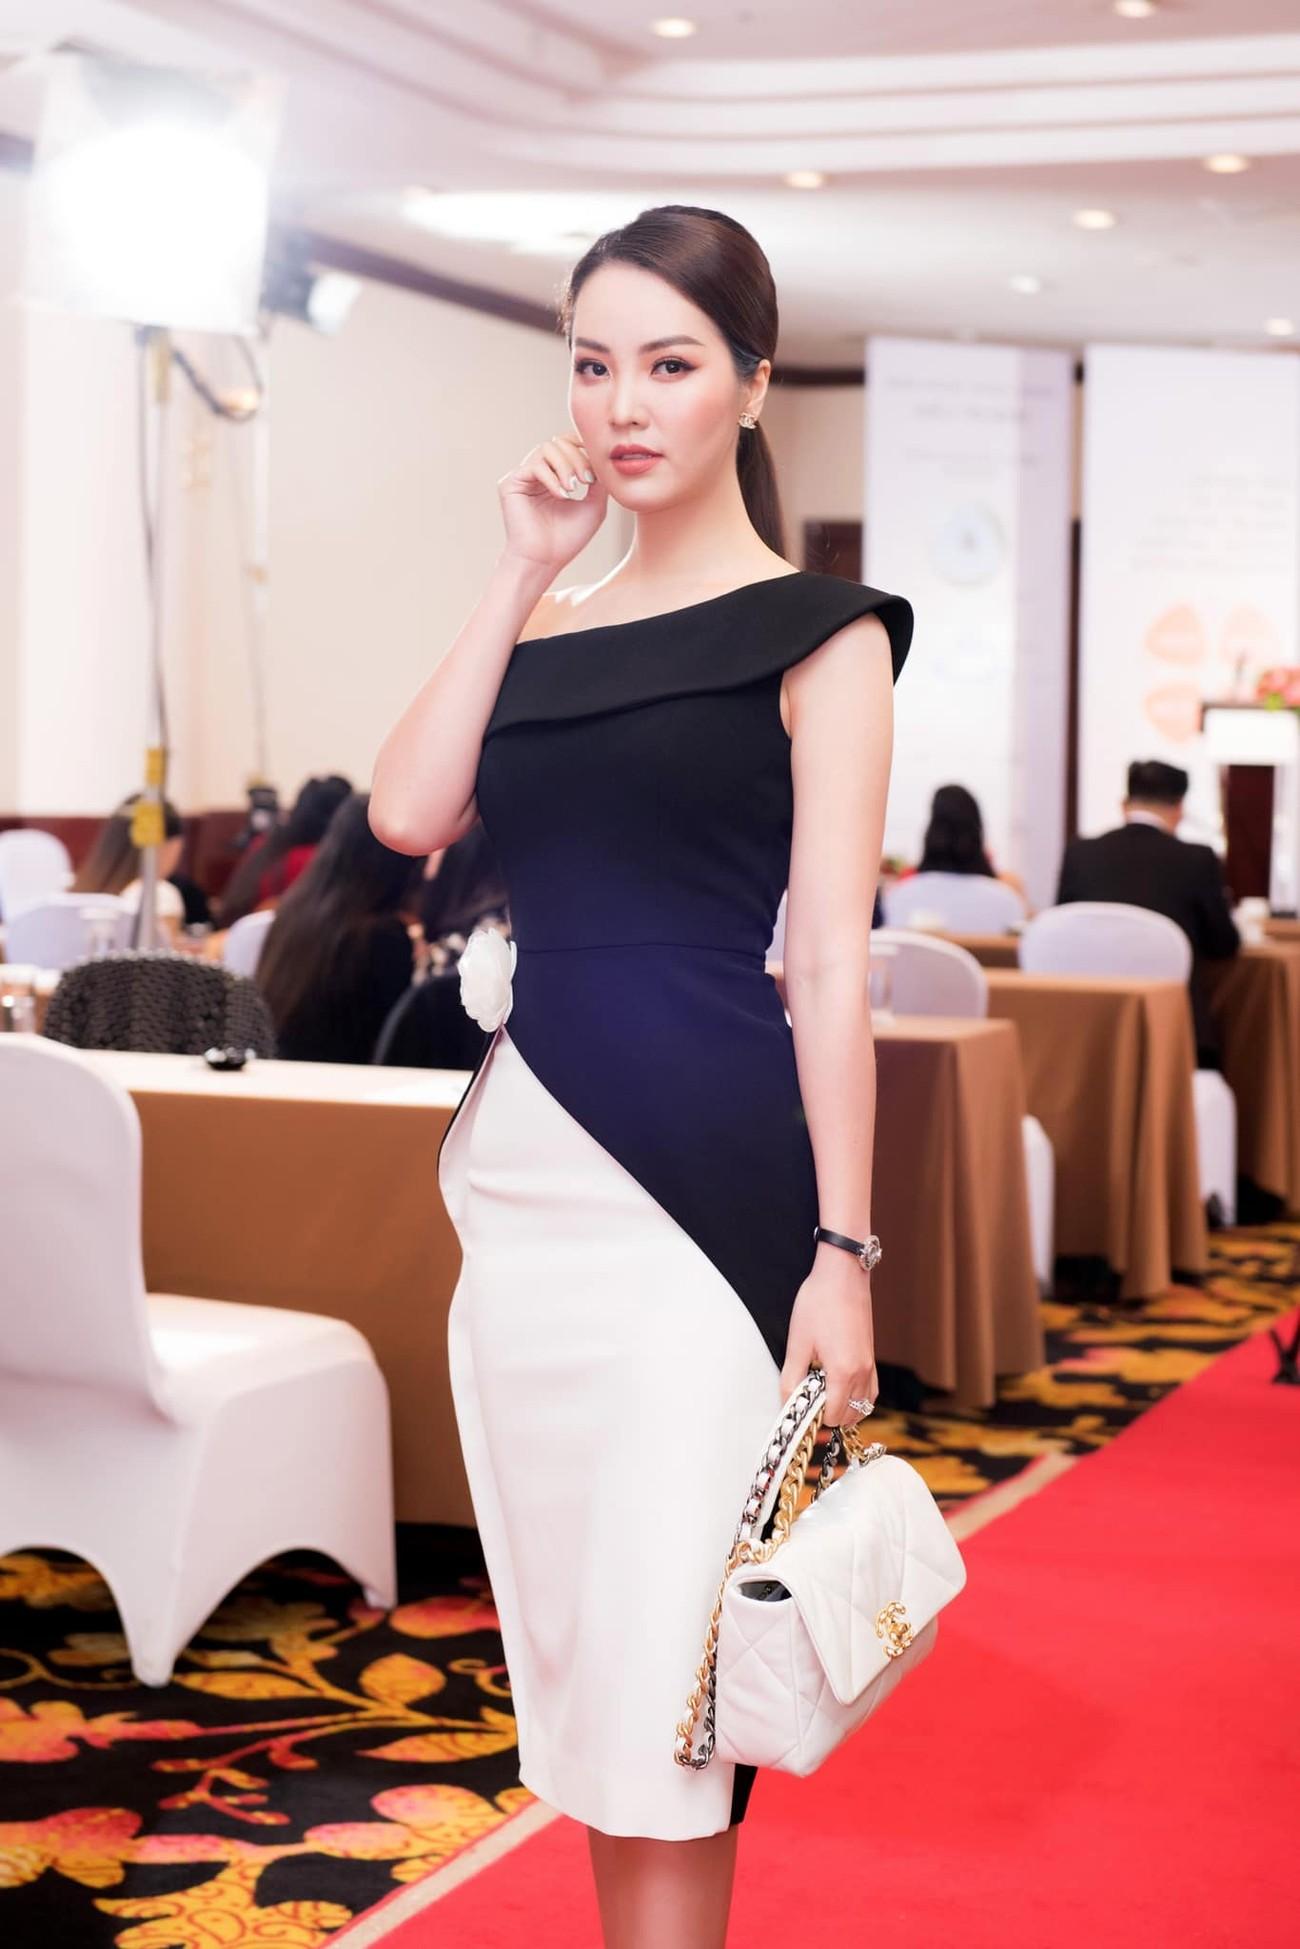 Đỗ Thị Hà mặc sơ-mi trắng giản dị xinh đẹp, Đặng Thu Thảo quyến rũ với váy lệch vai ảnh 10